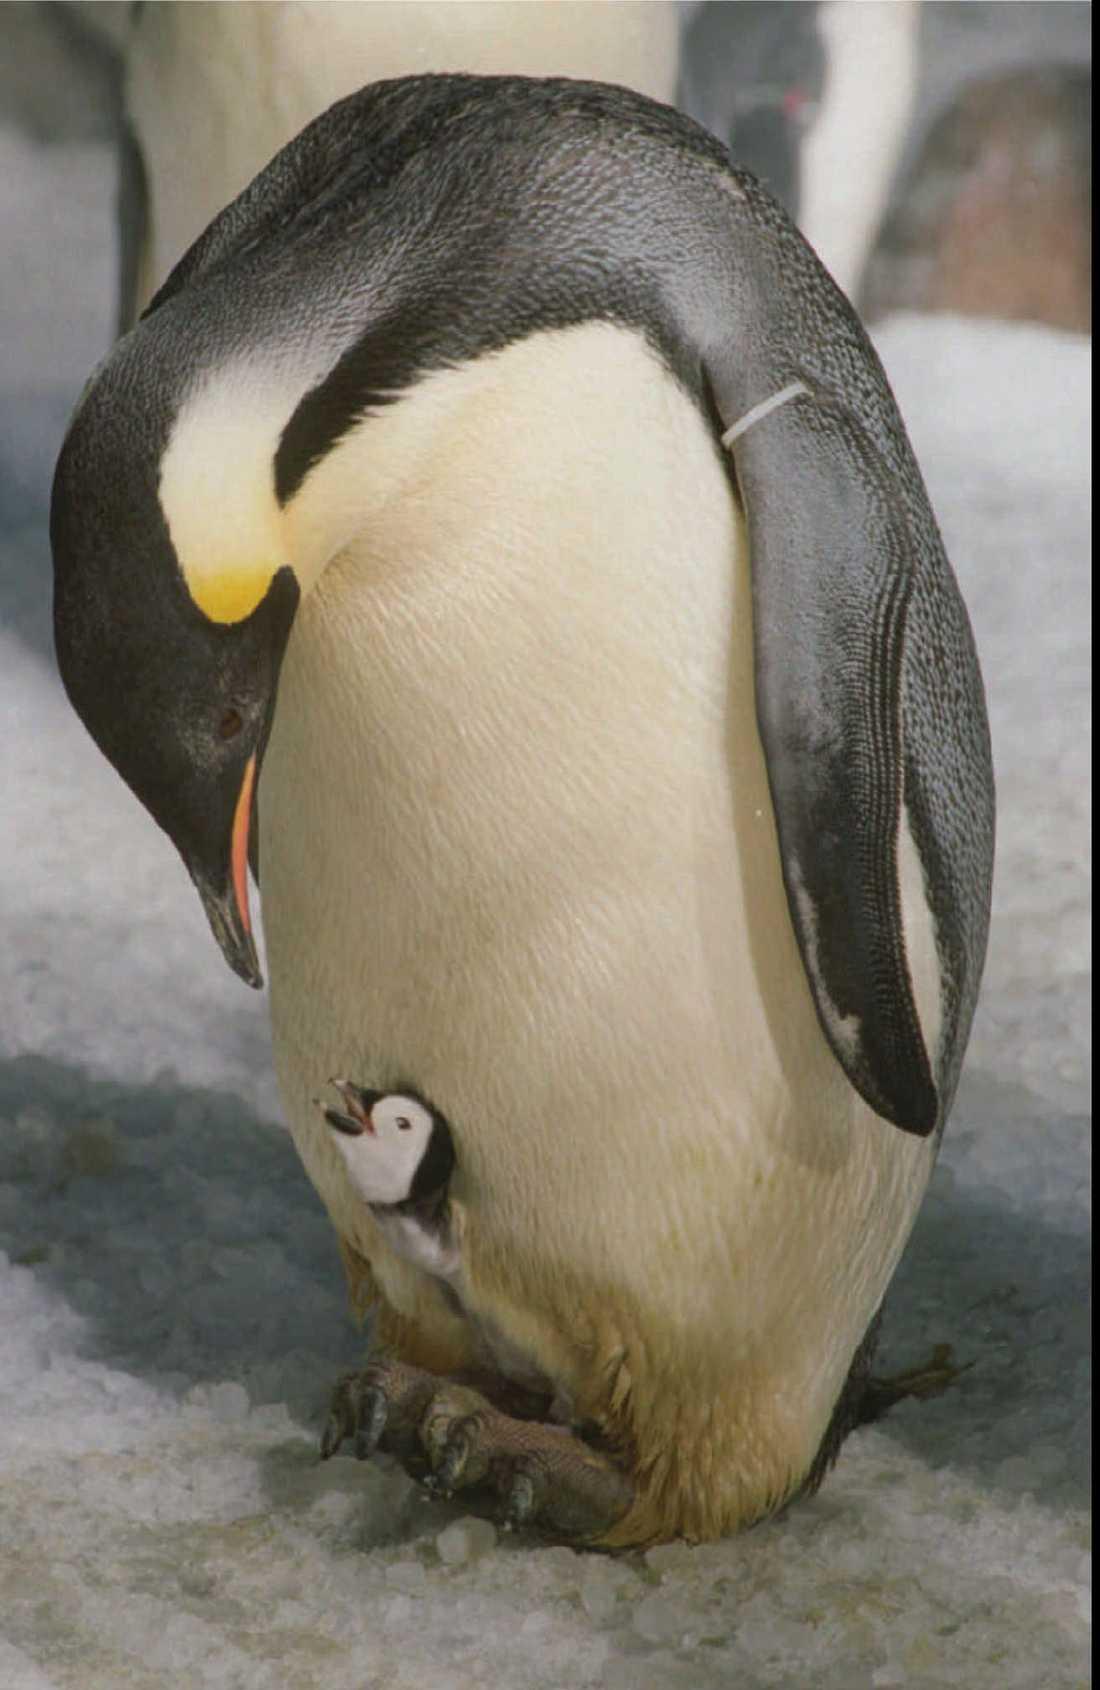 Kejsarpingvinen är världens största pingvin, men är mycket hotad av klimatförändringar. Arkivbild.